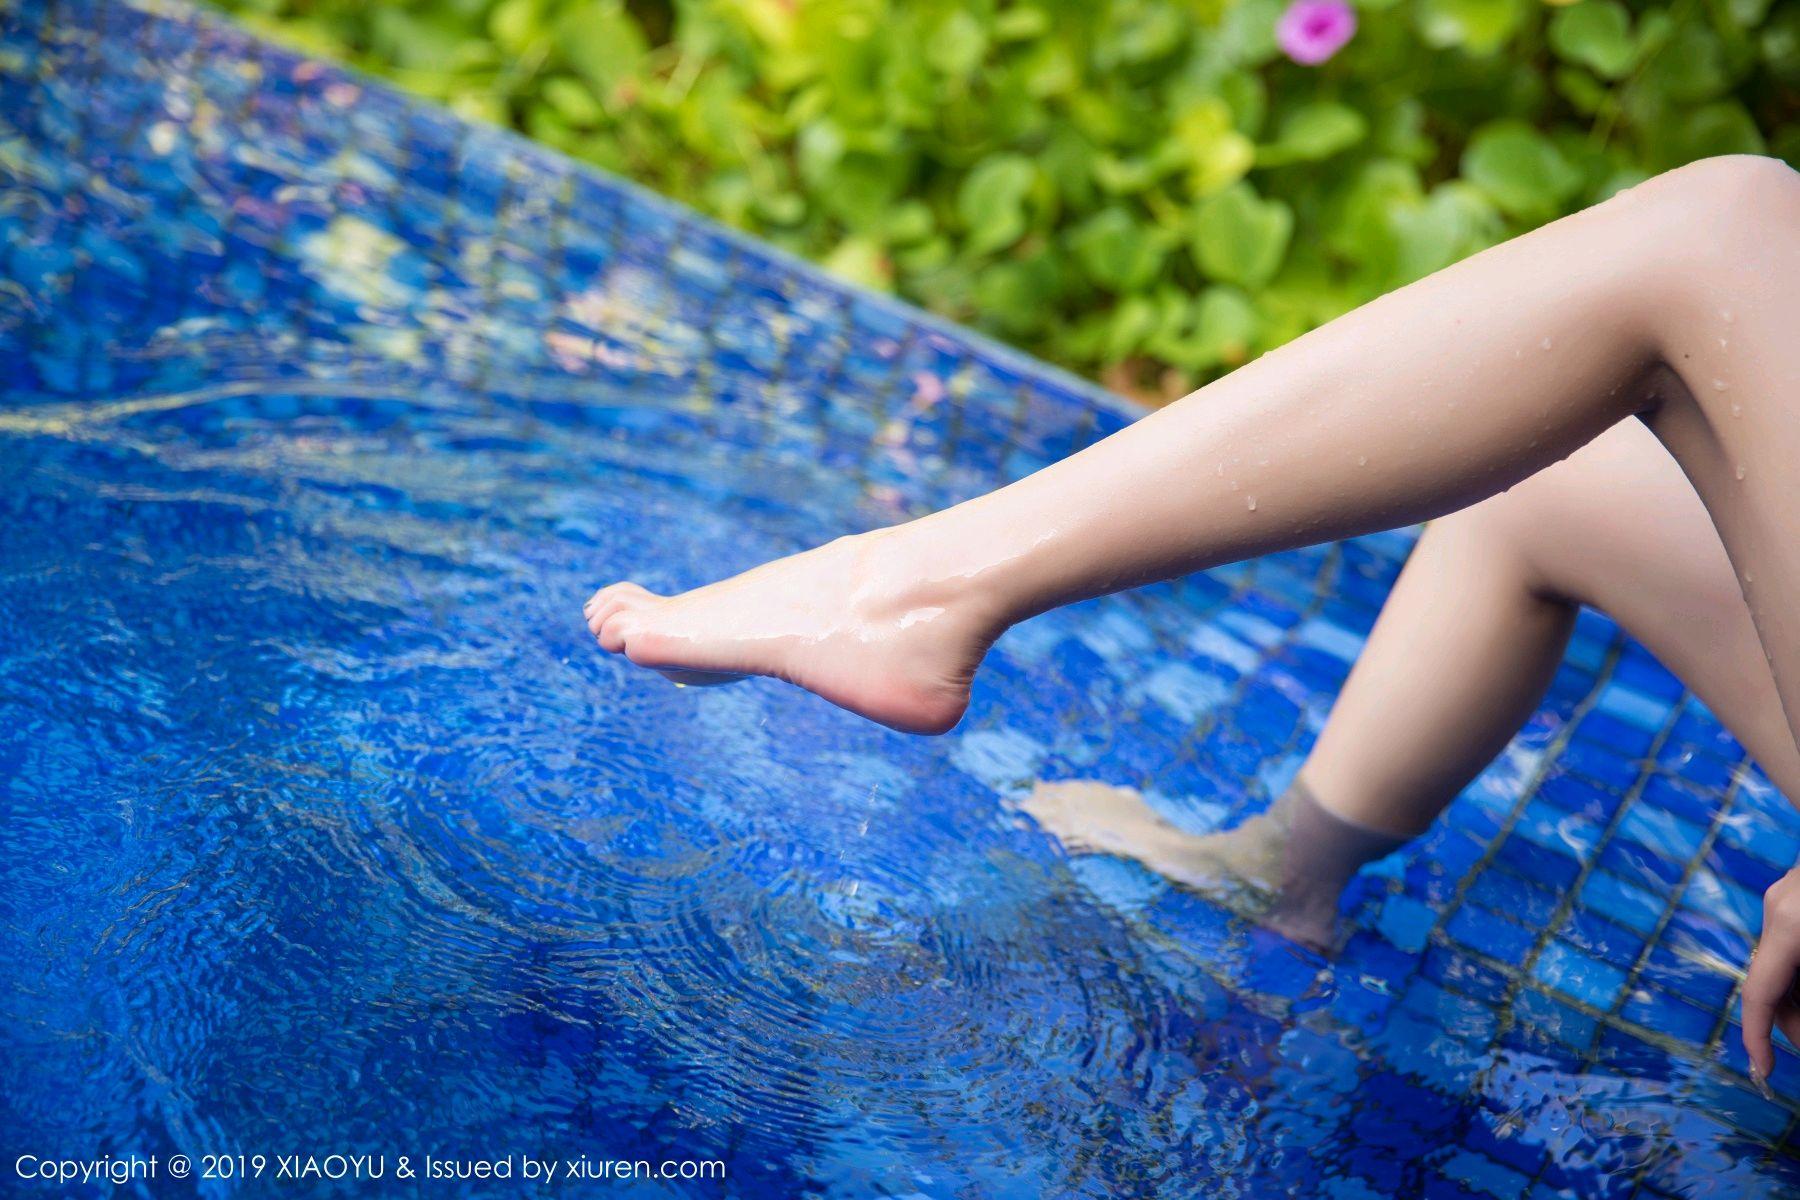 [XiaoYu] Vol.081 Yang Chen Chen 46P, Swim Pool, Wet, XiaoYu, Yang Chen Chen